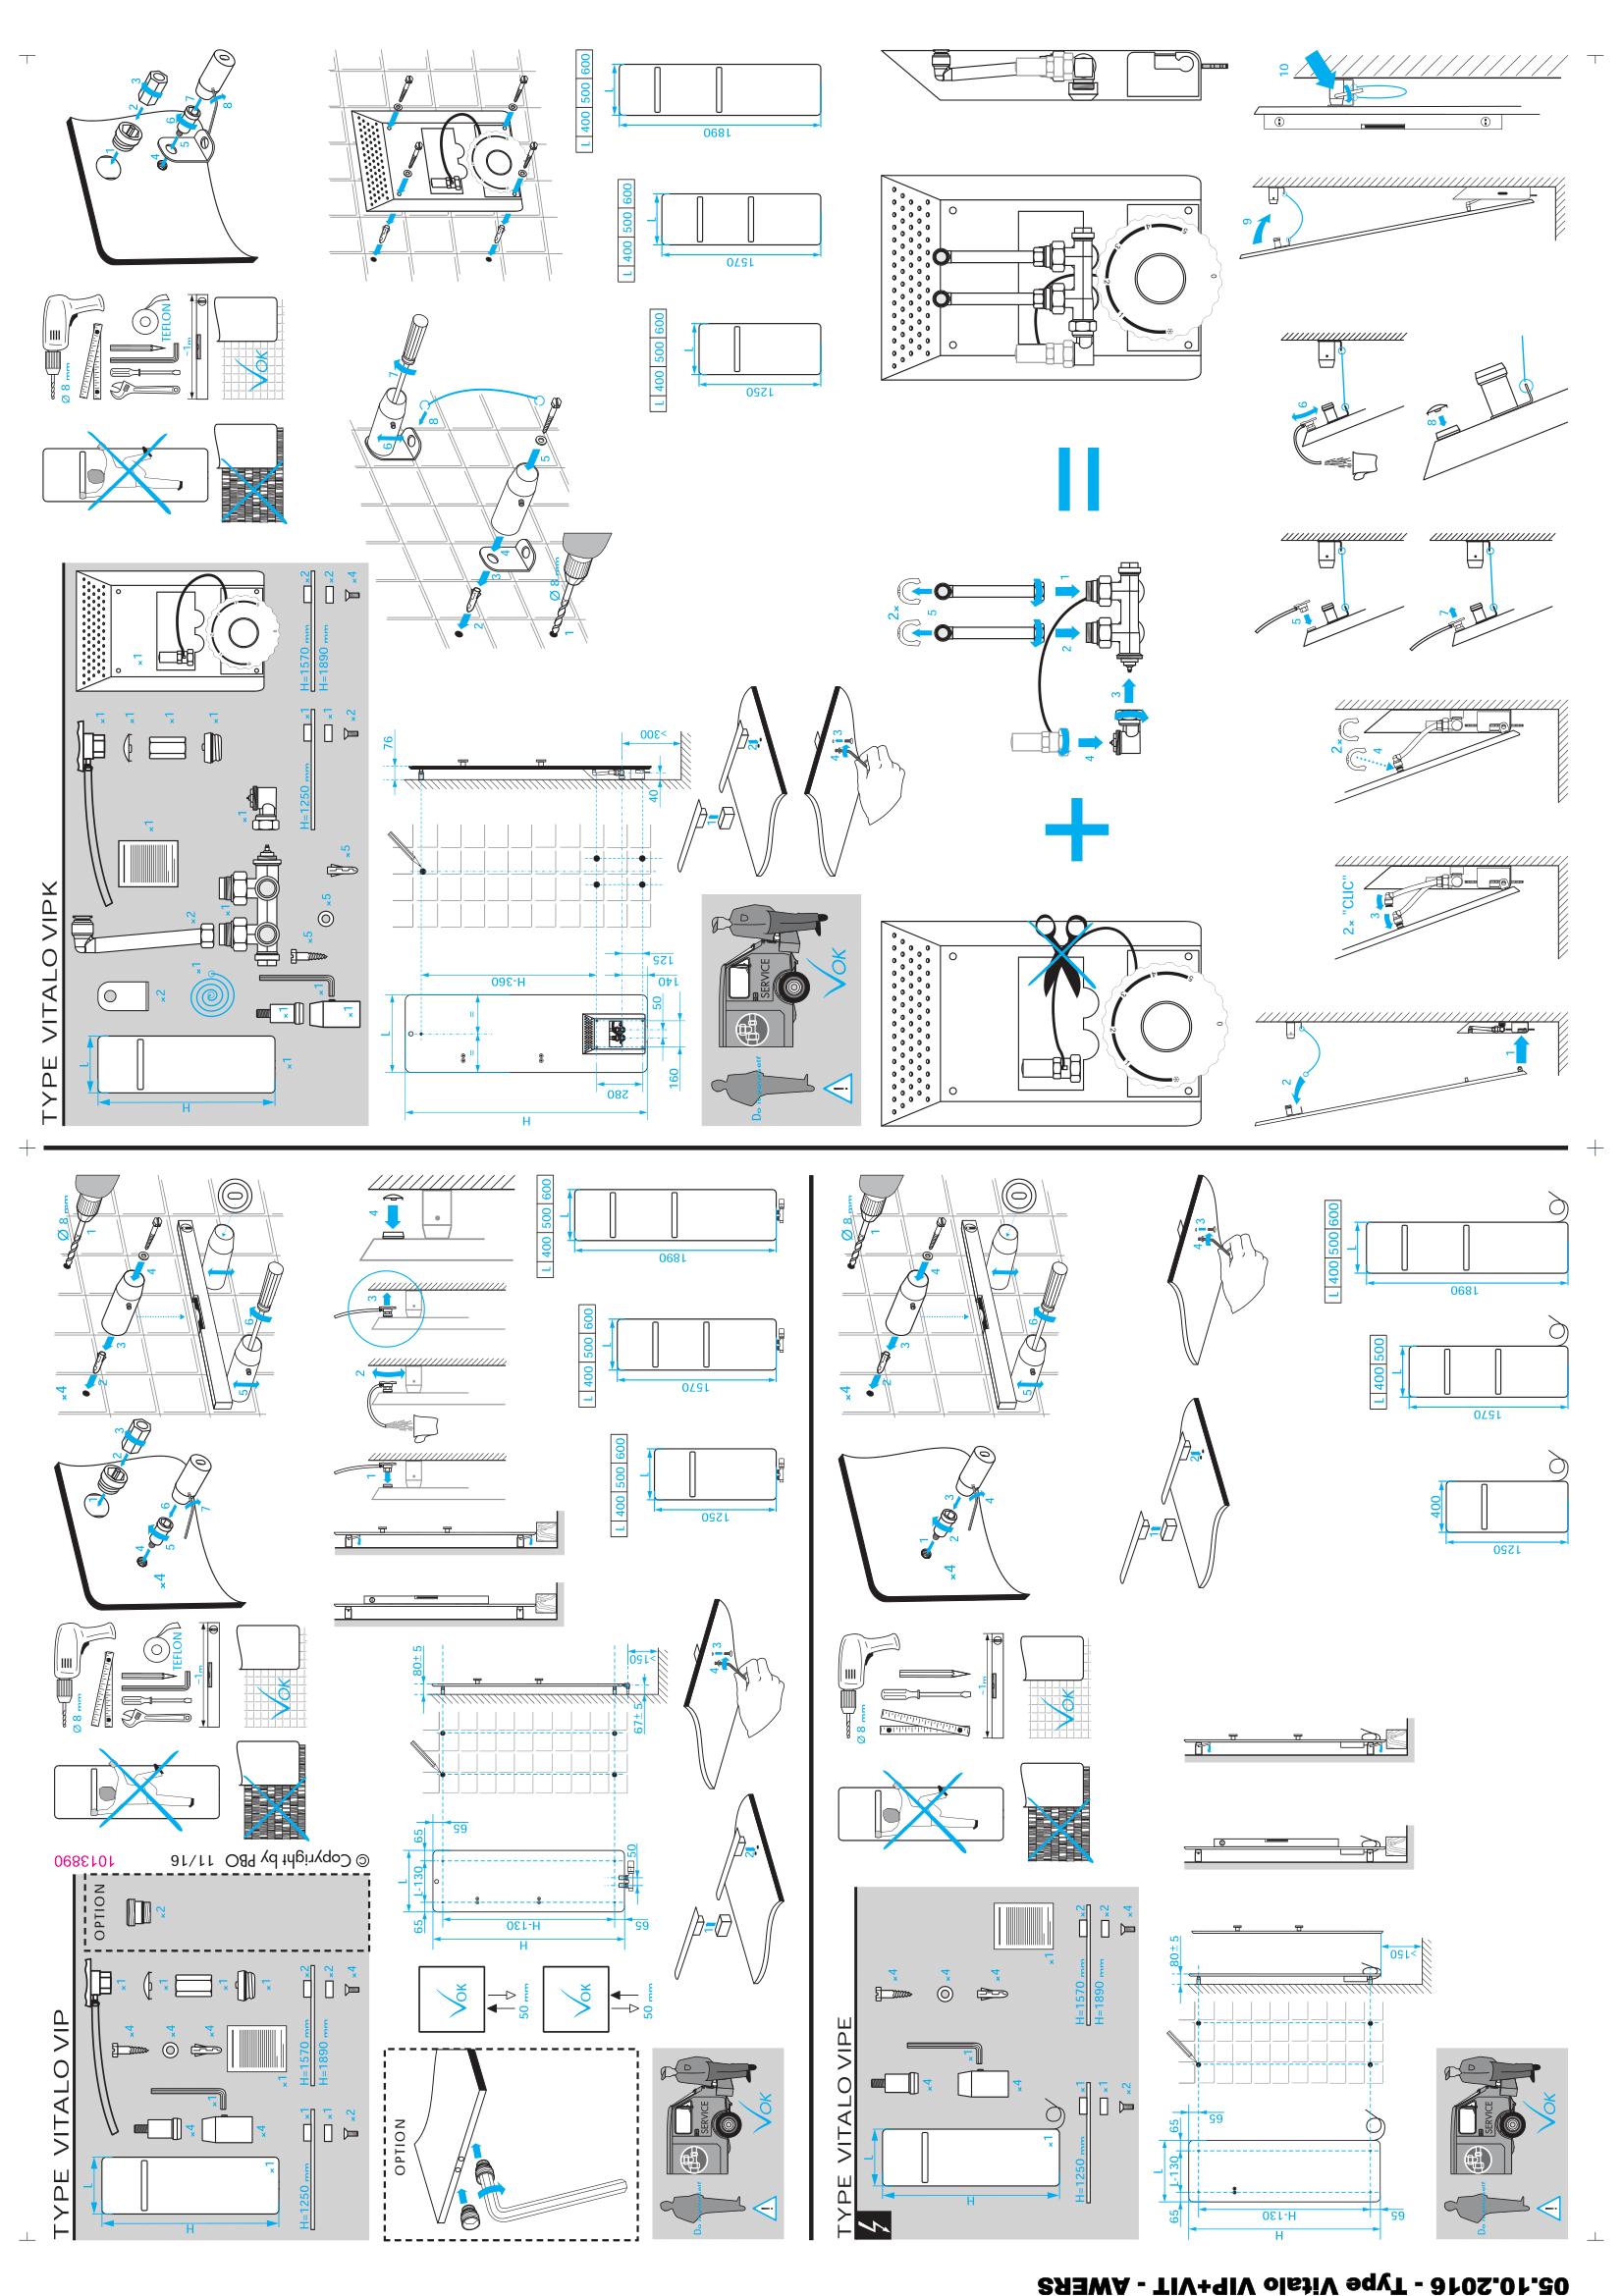 Фотография Инструкция по монтажу дизайнерского полотенцесушителя Zehnder Vitalo Bar